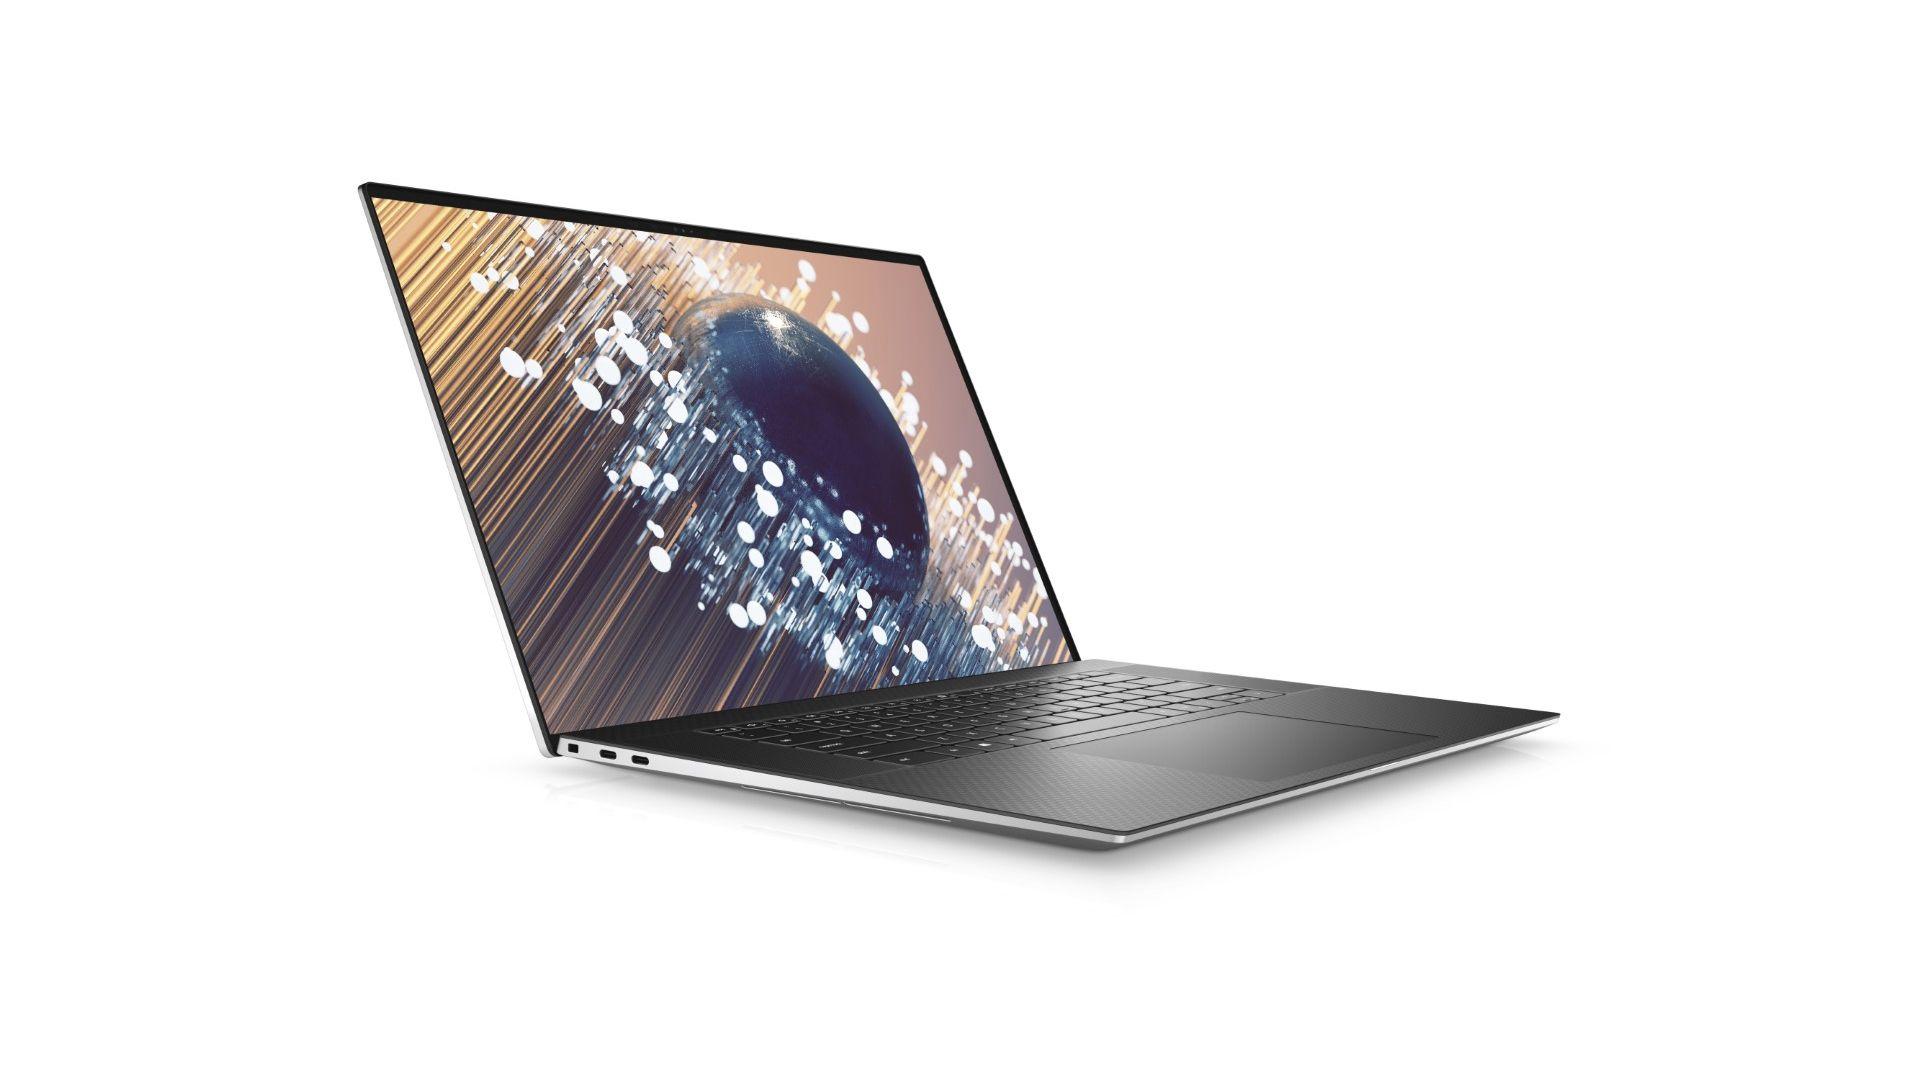 Os Dell XPS são notebooks que concorrem com o MacBook da Apple. (Foto: Divulgação/Dell)